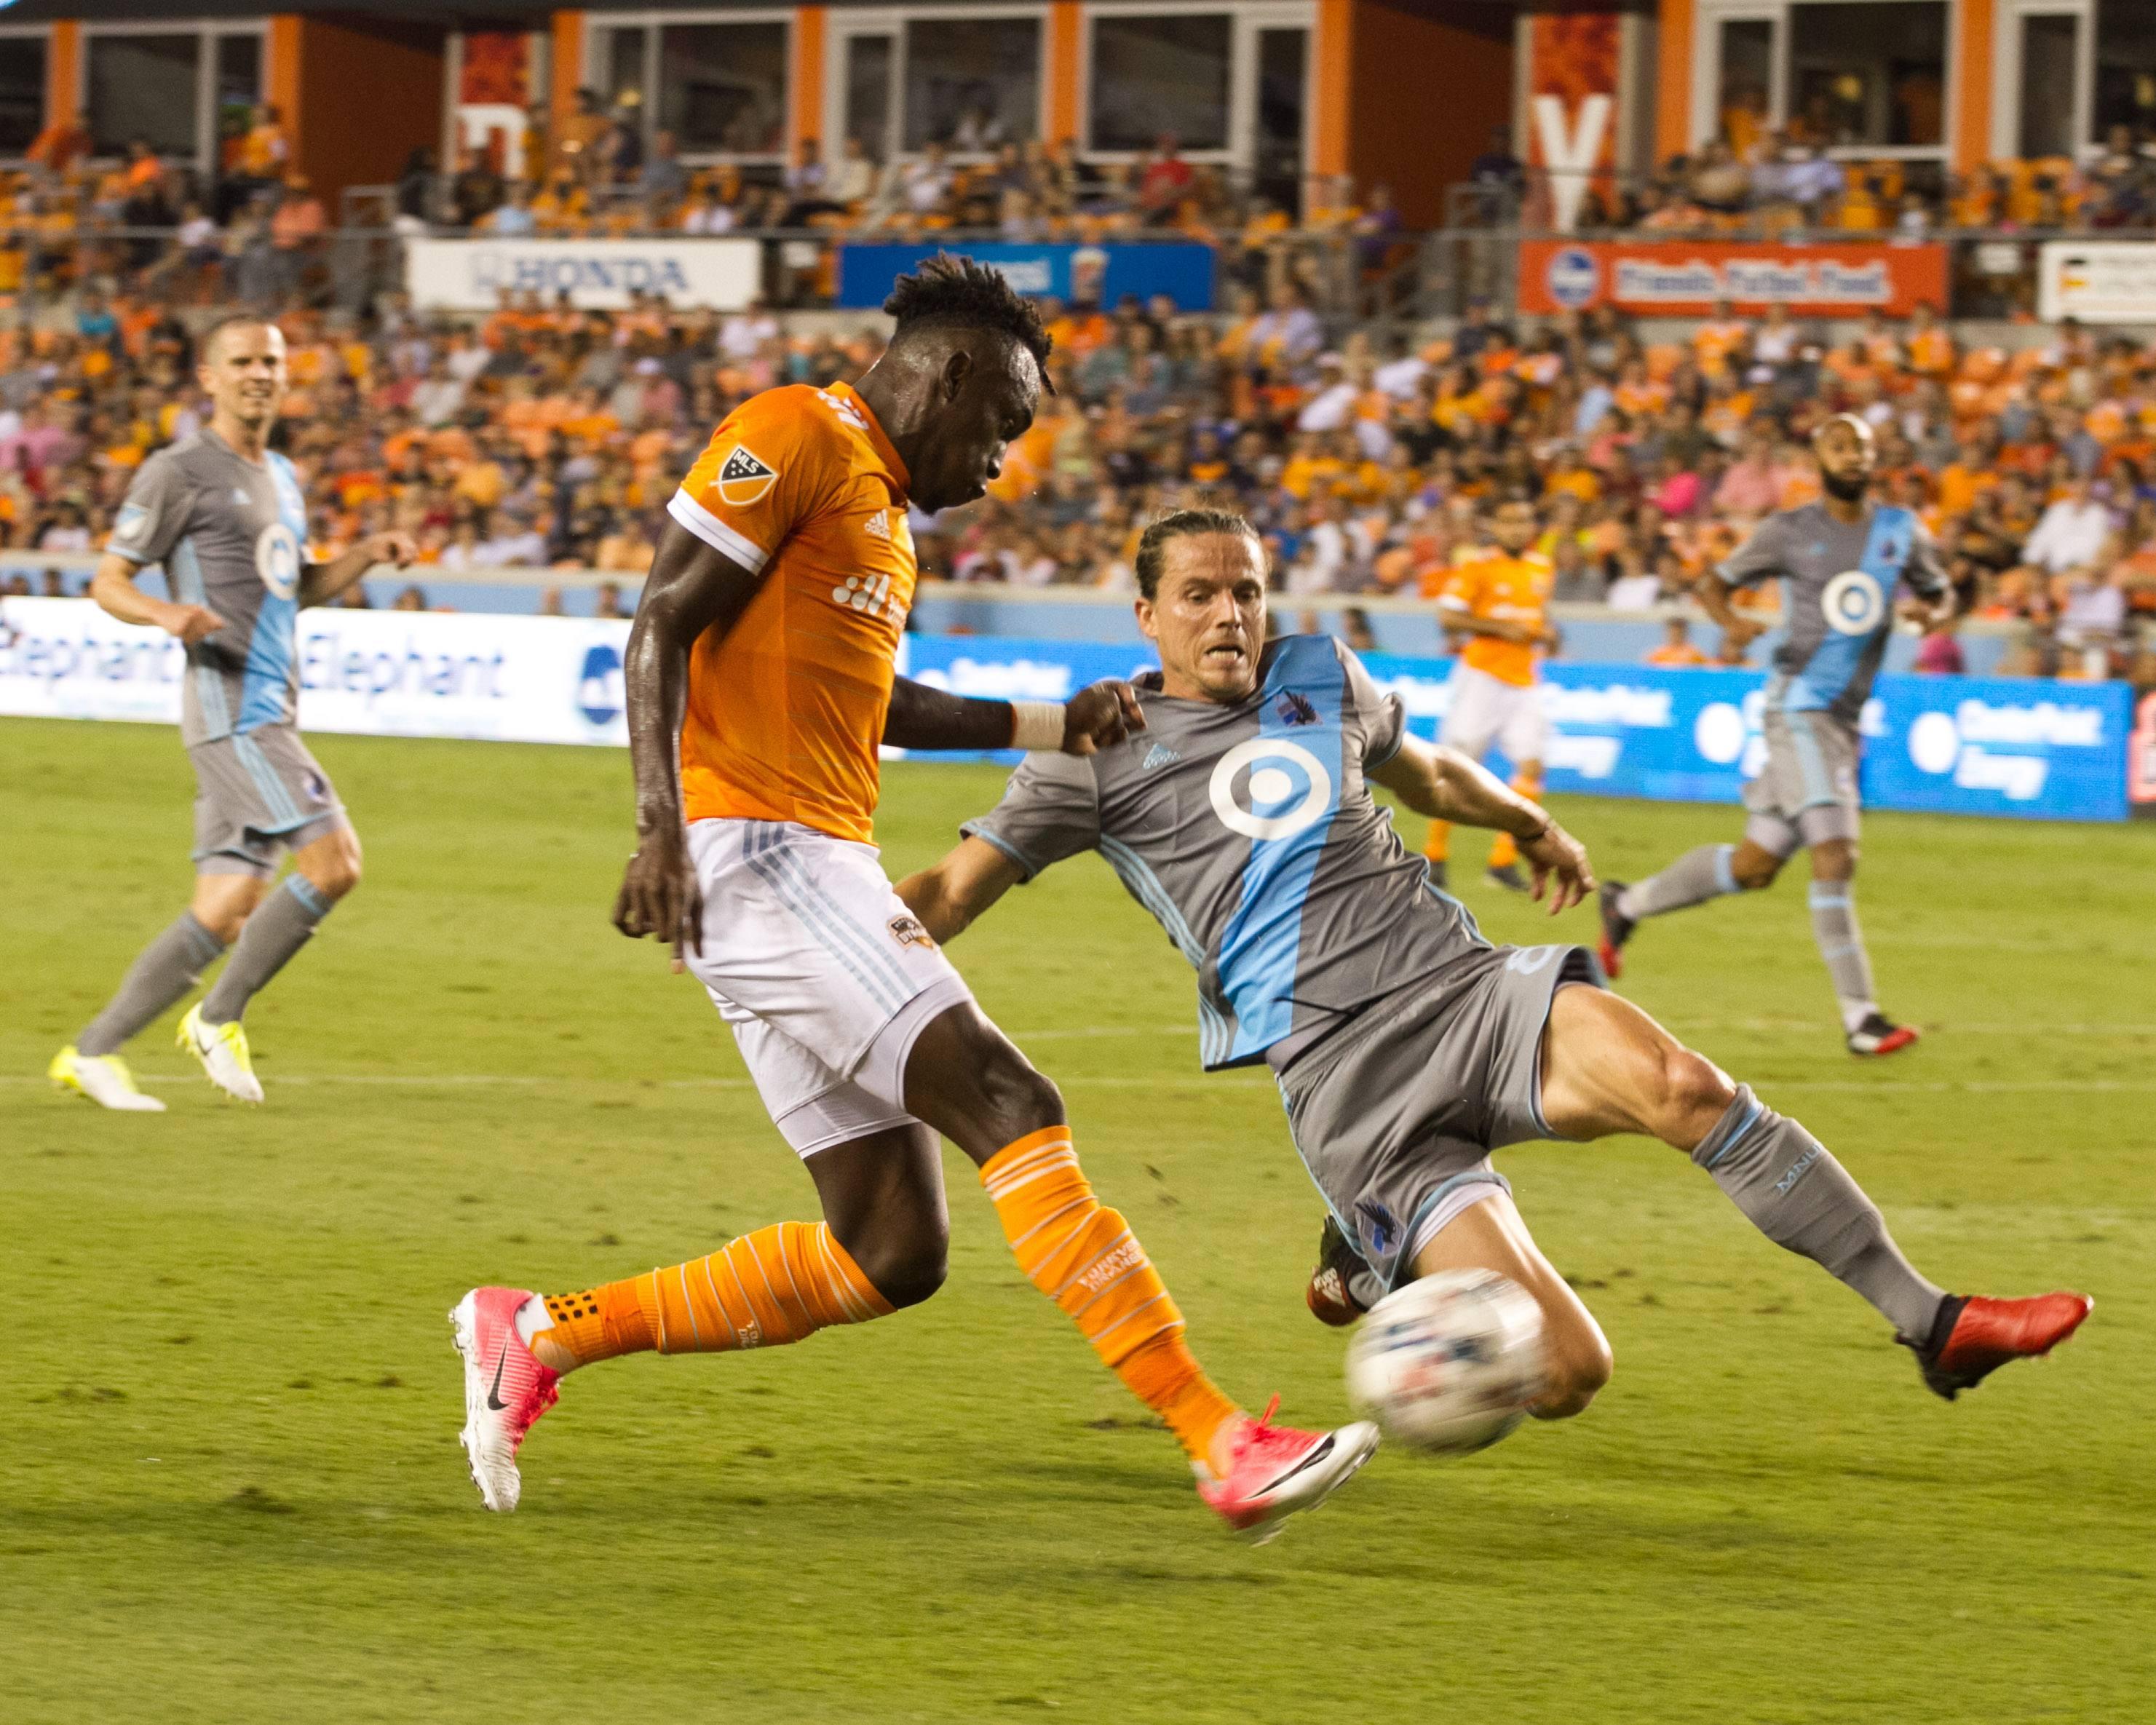 Houston-Dynamo-vs-Minnesota-Unite-Khach-lan-chu-07h30-ngay-12-9-Giai-nha-nghe-My-MLS-2